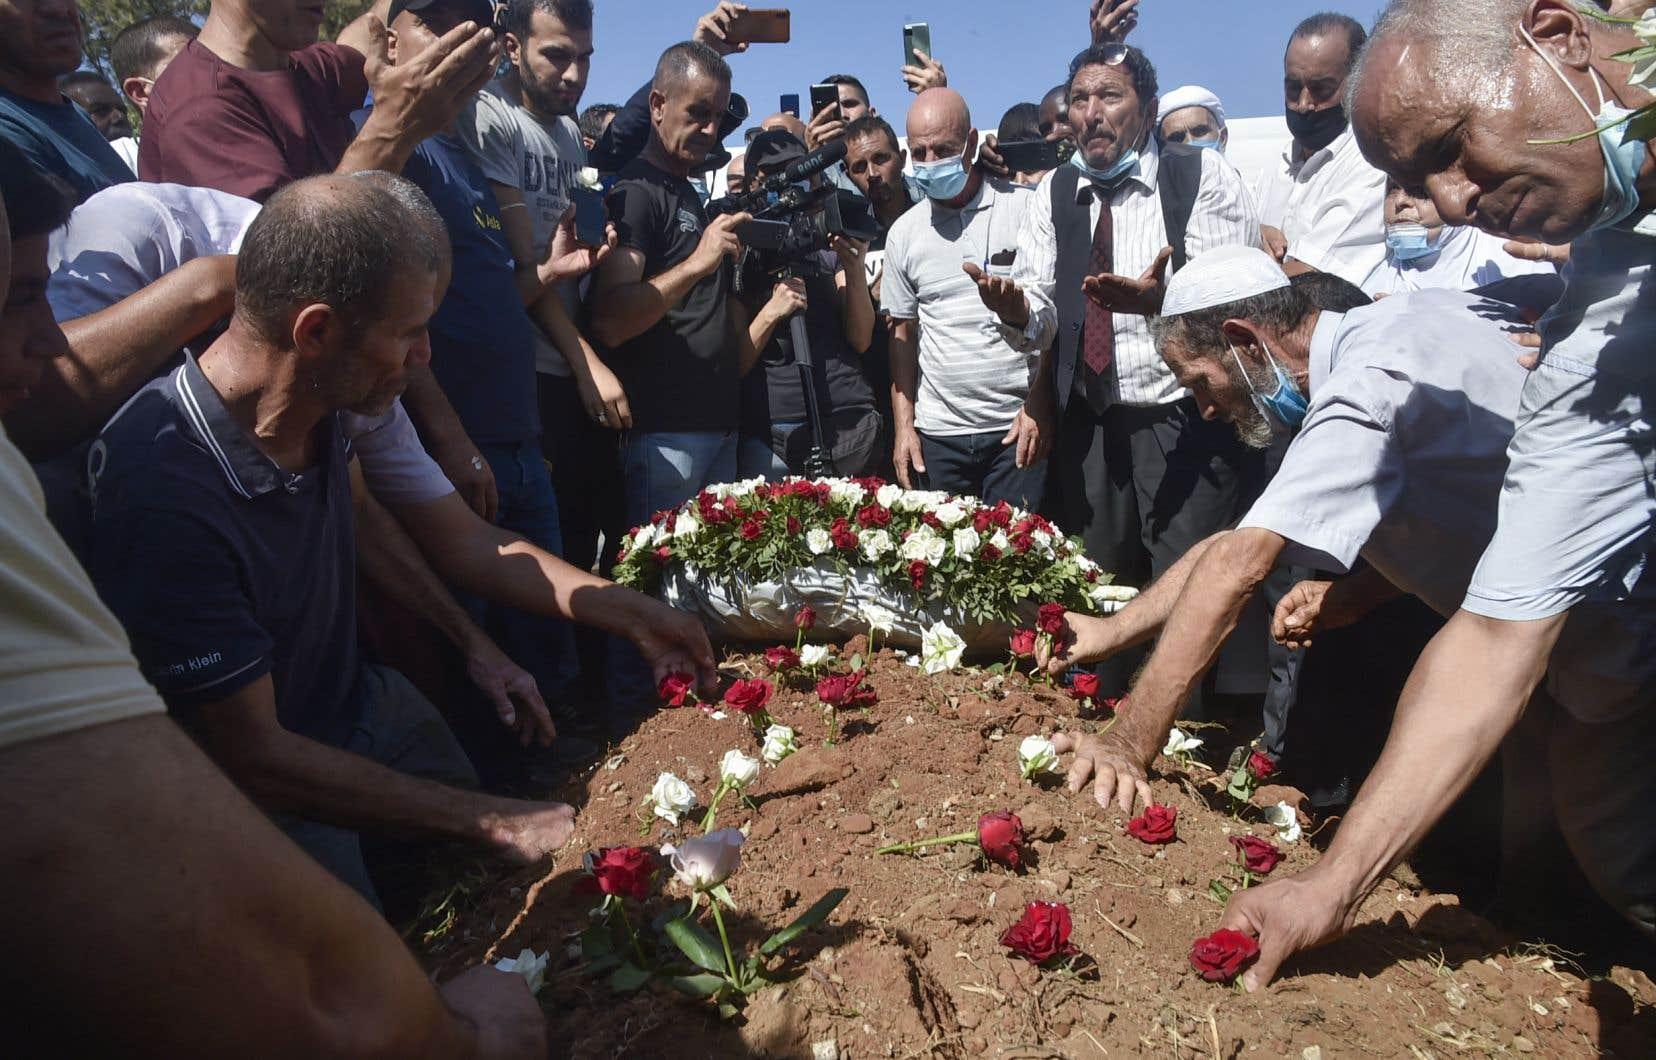 Des Algériens déposent des roses sur la tombe de l'ancien président Abdelaziz Bouteflika lors de ses funérailles au cimetière El-Alia d'Alger.